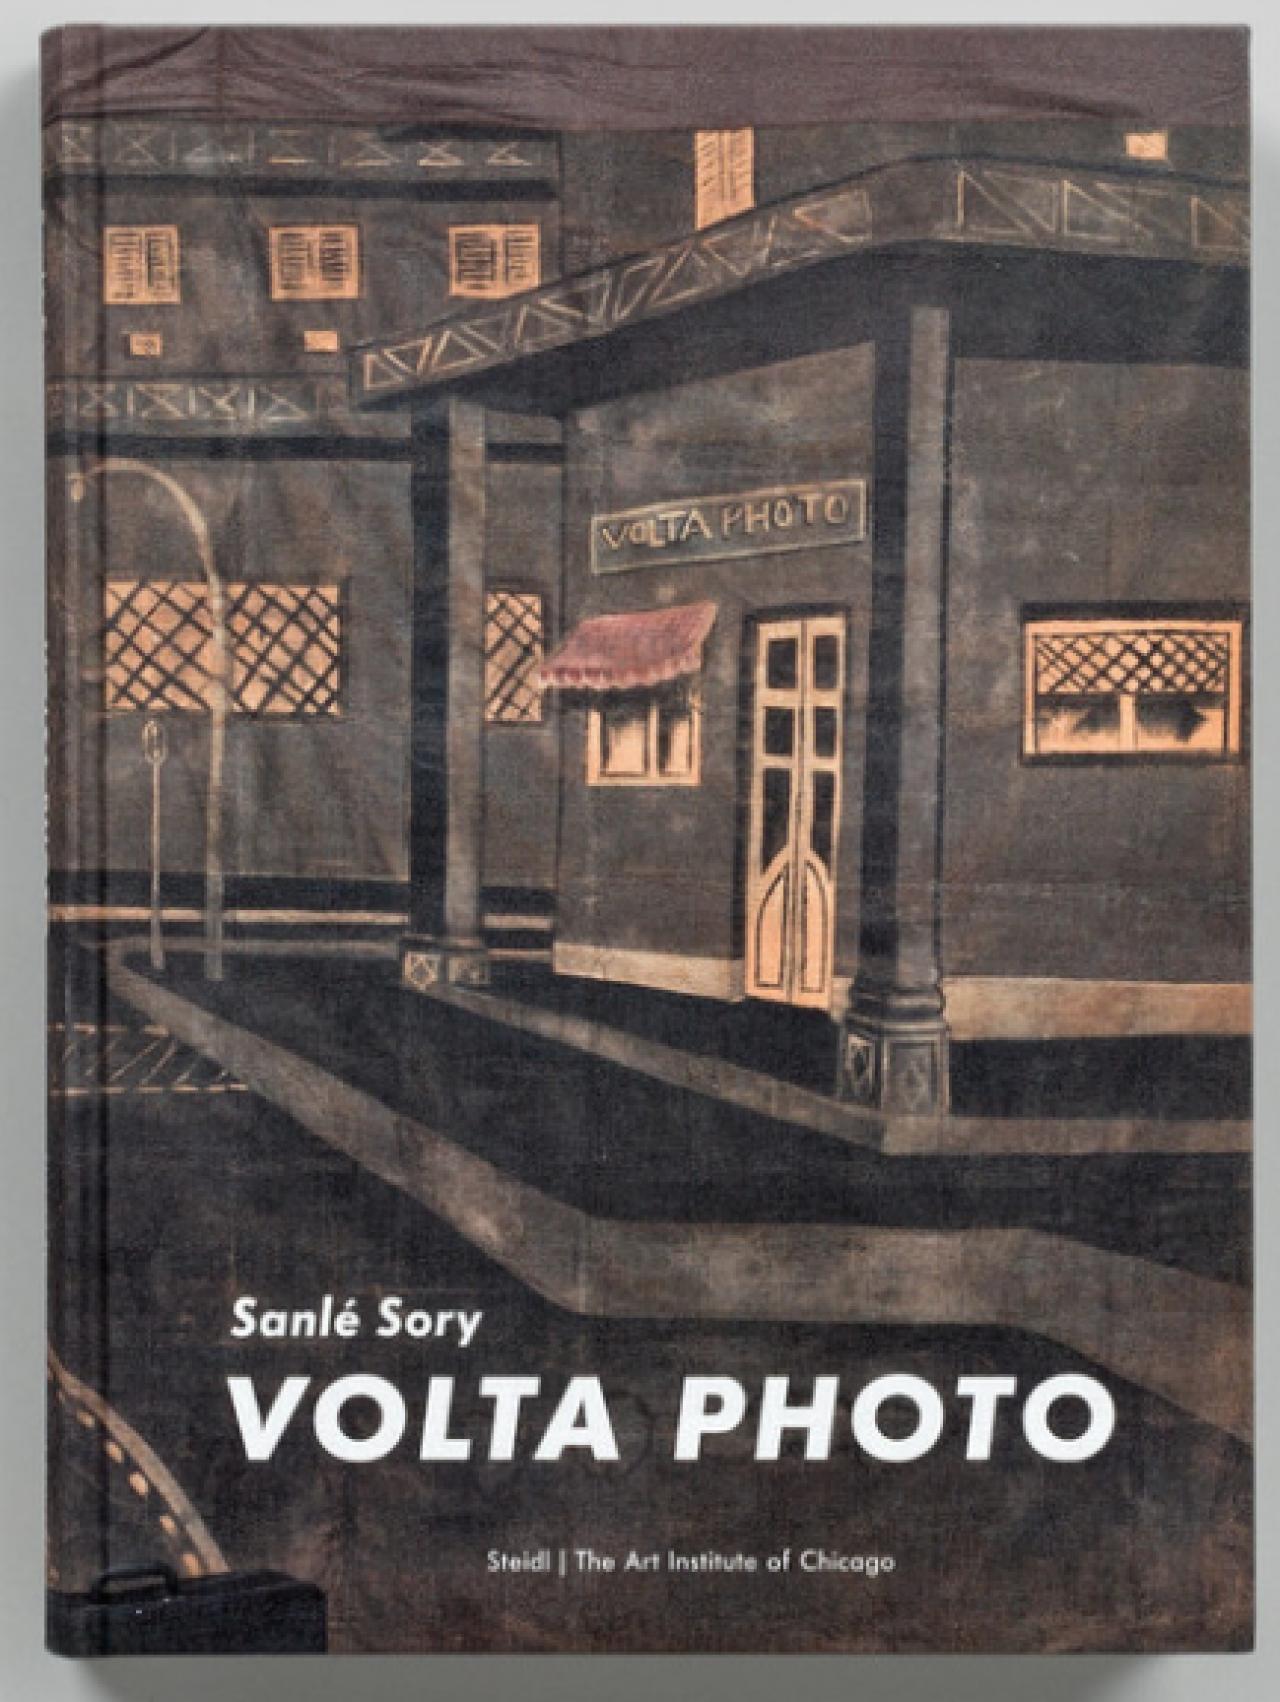 Sanlé Sory: Volta Photo